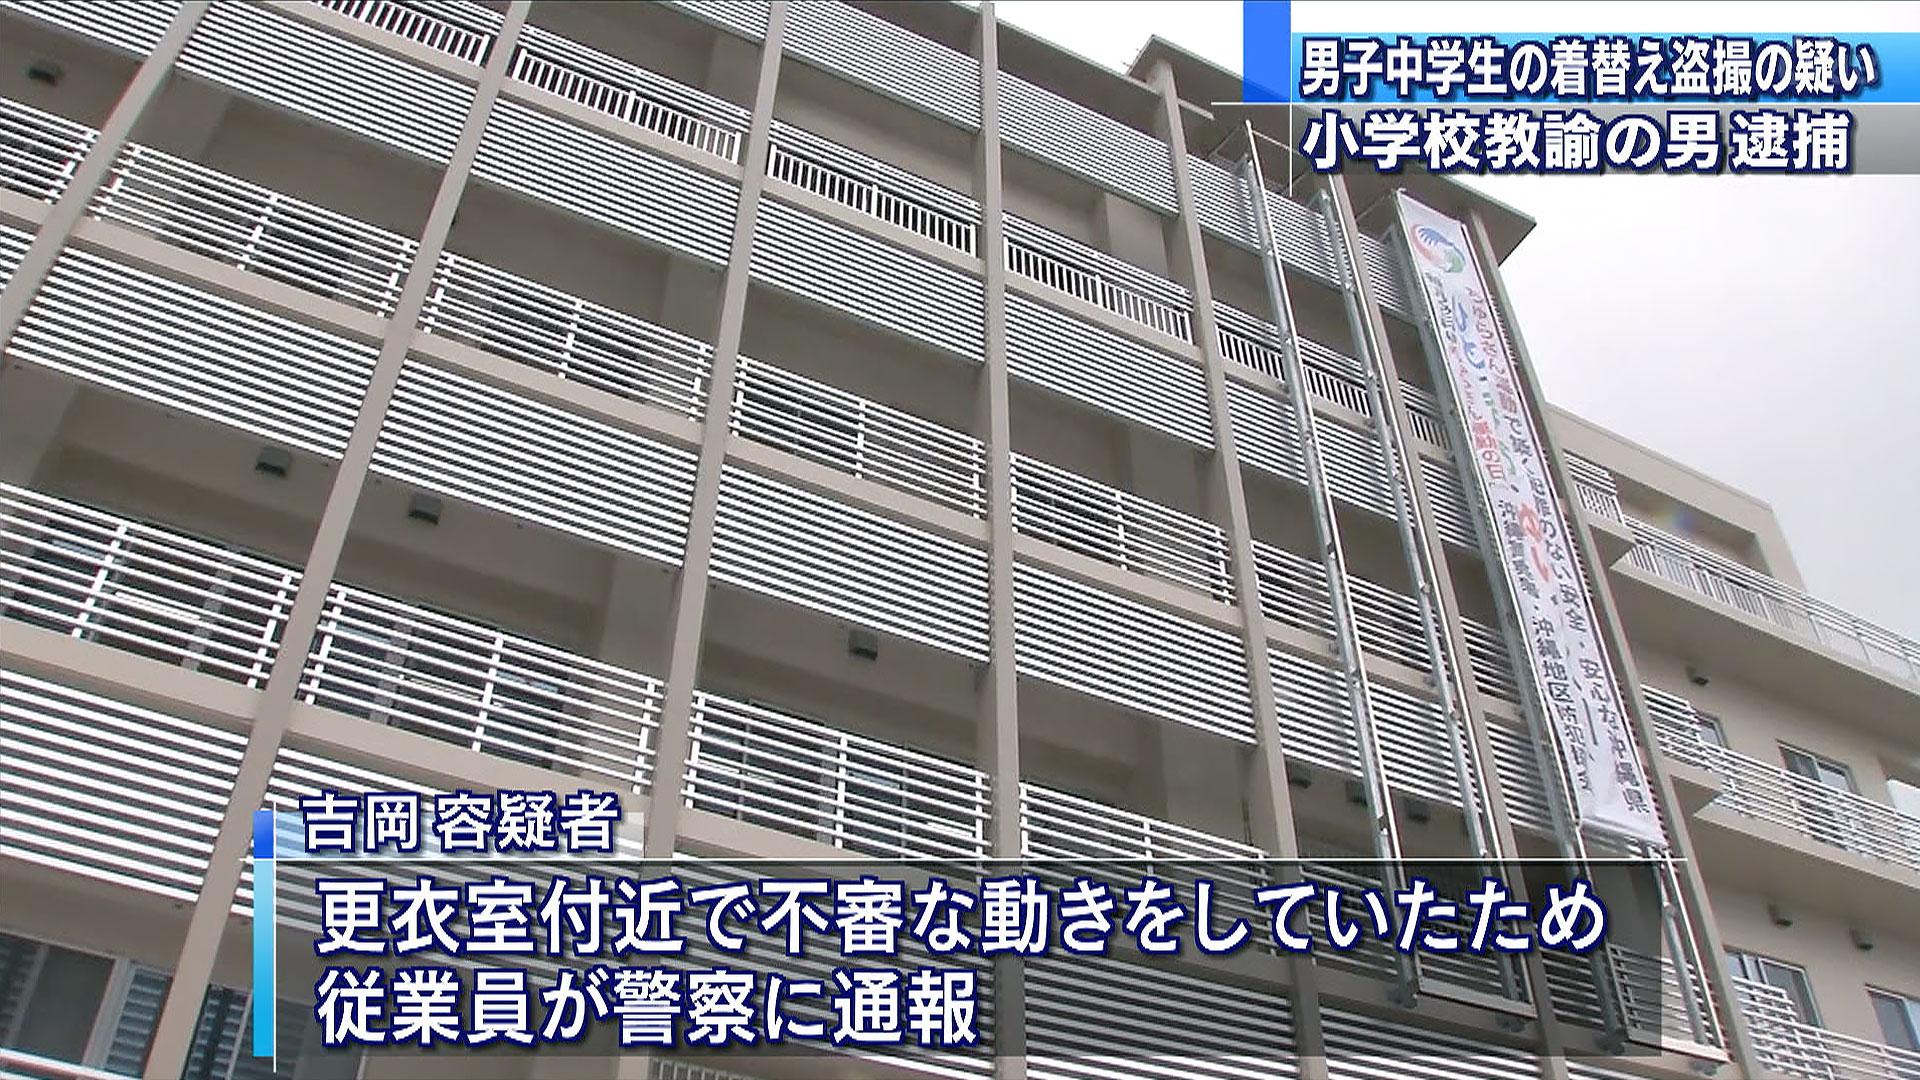 盗撮の疑い 小学校教諭の男逮捕